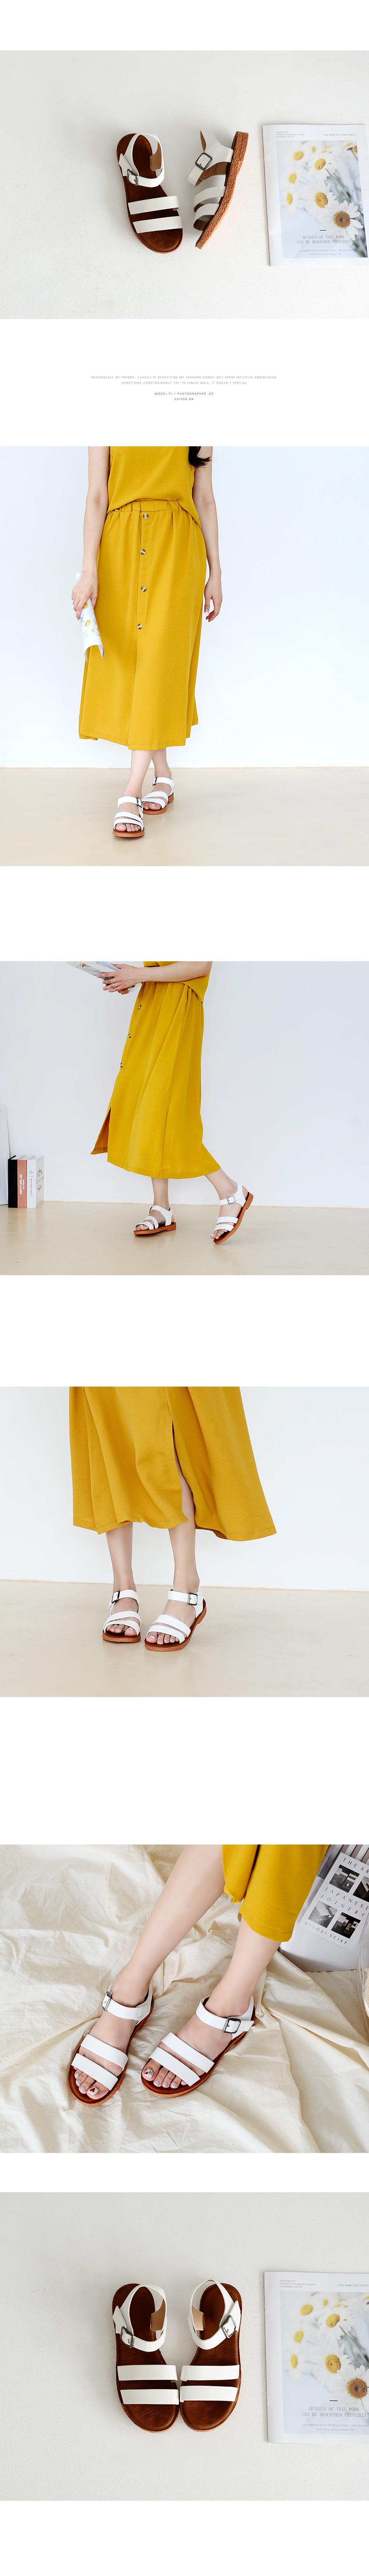 Daven strap sandals 2cm